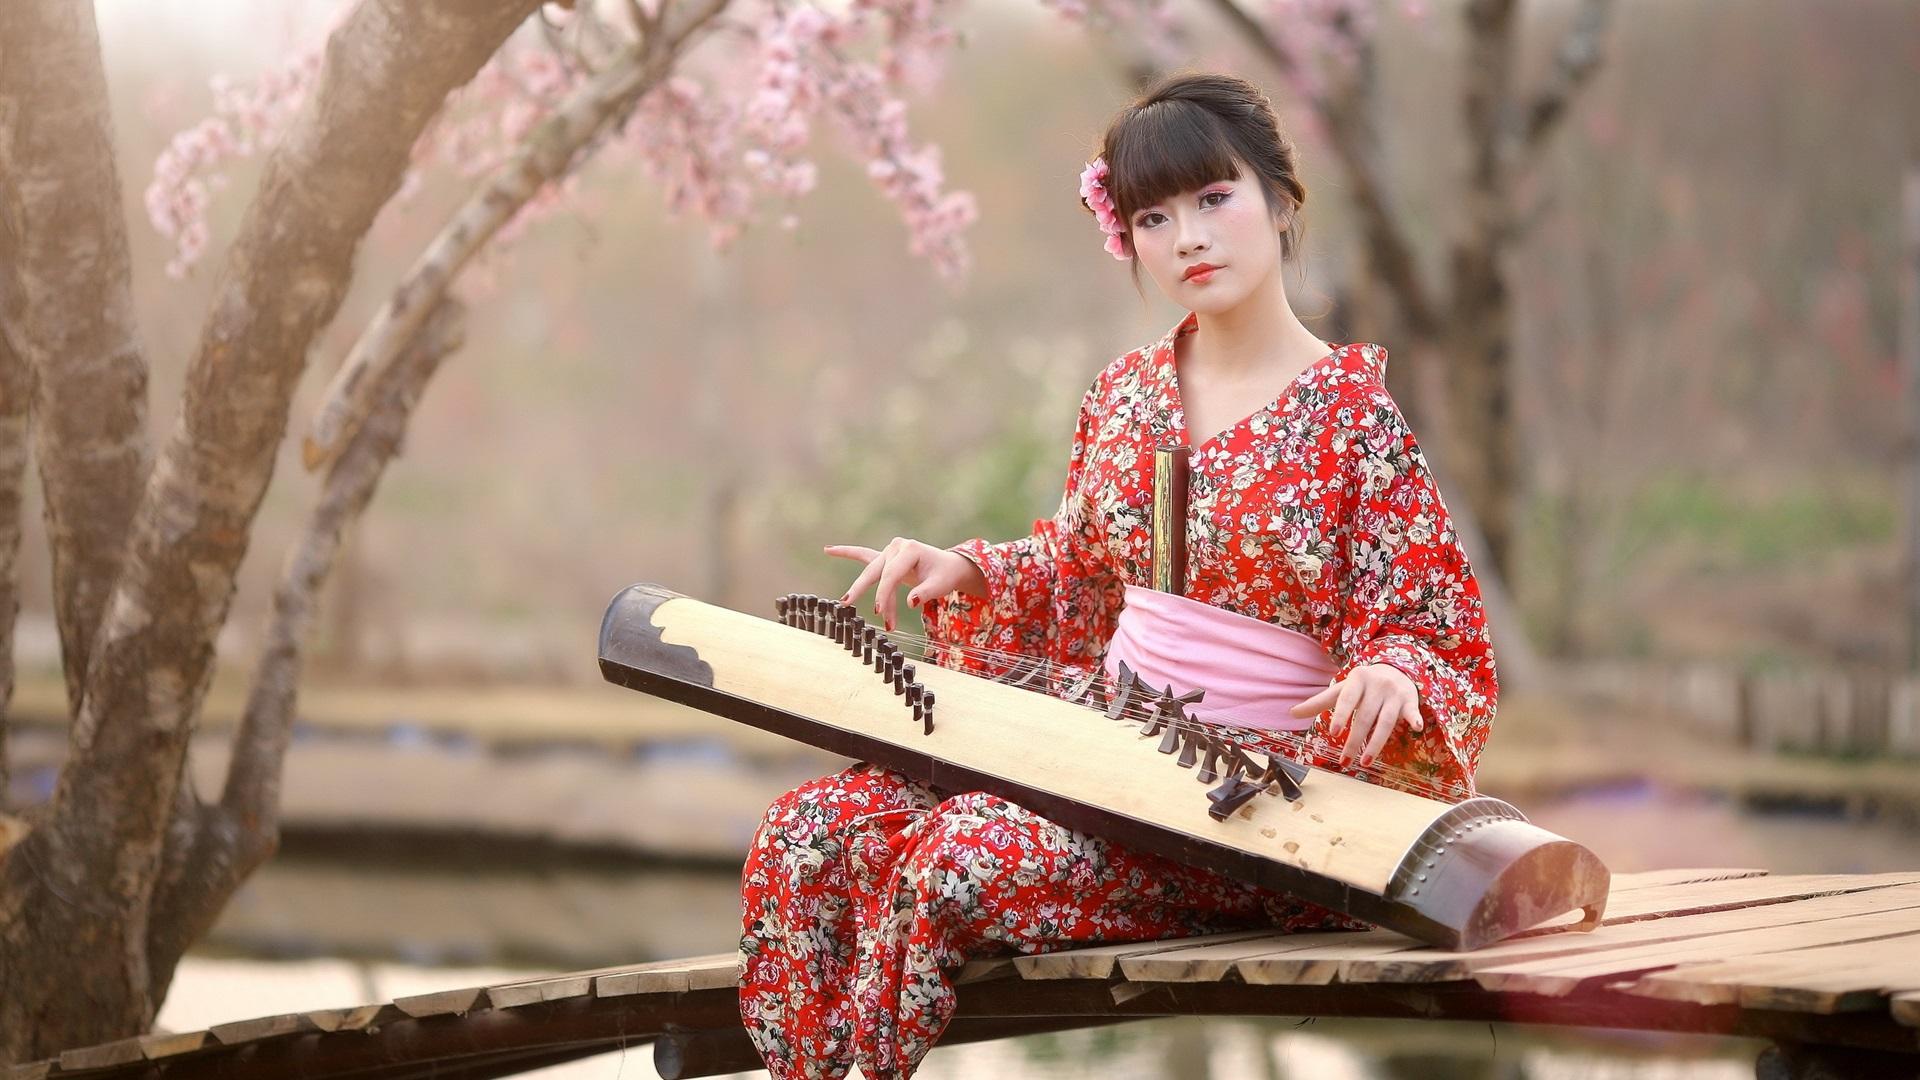 japen girl japen girl 4tubejapanvideos 1920x1080